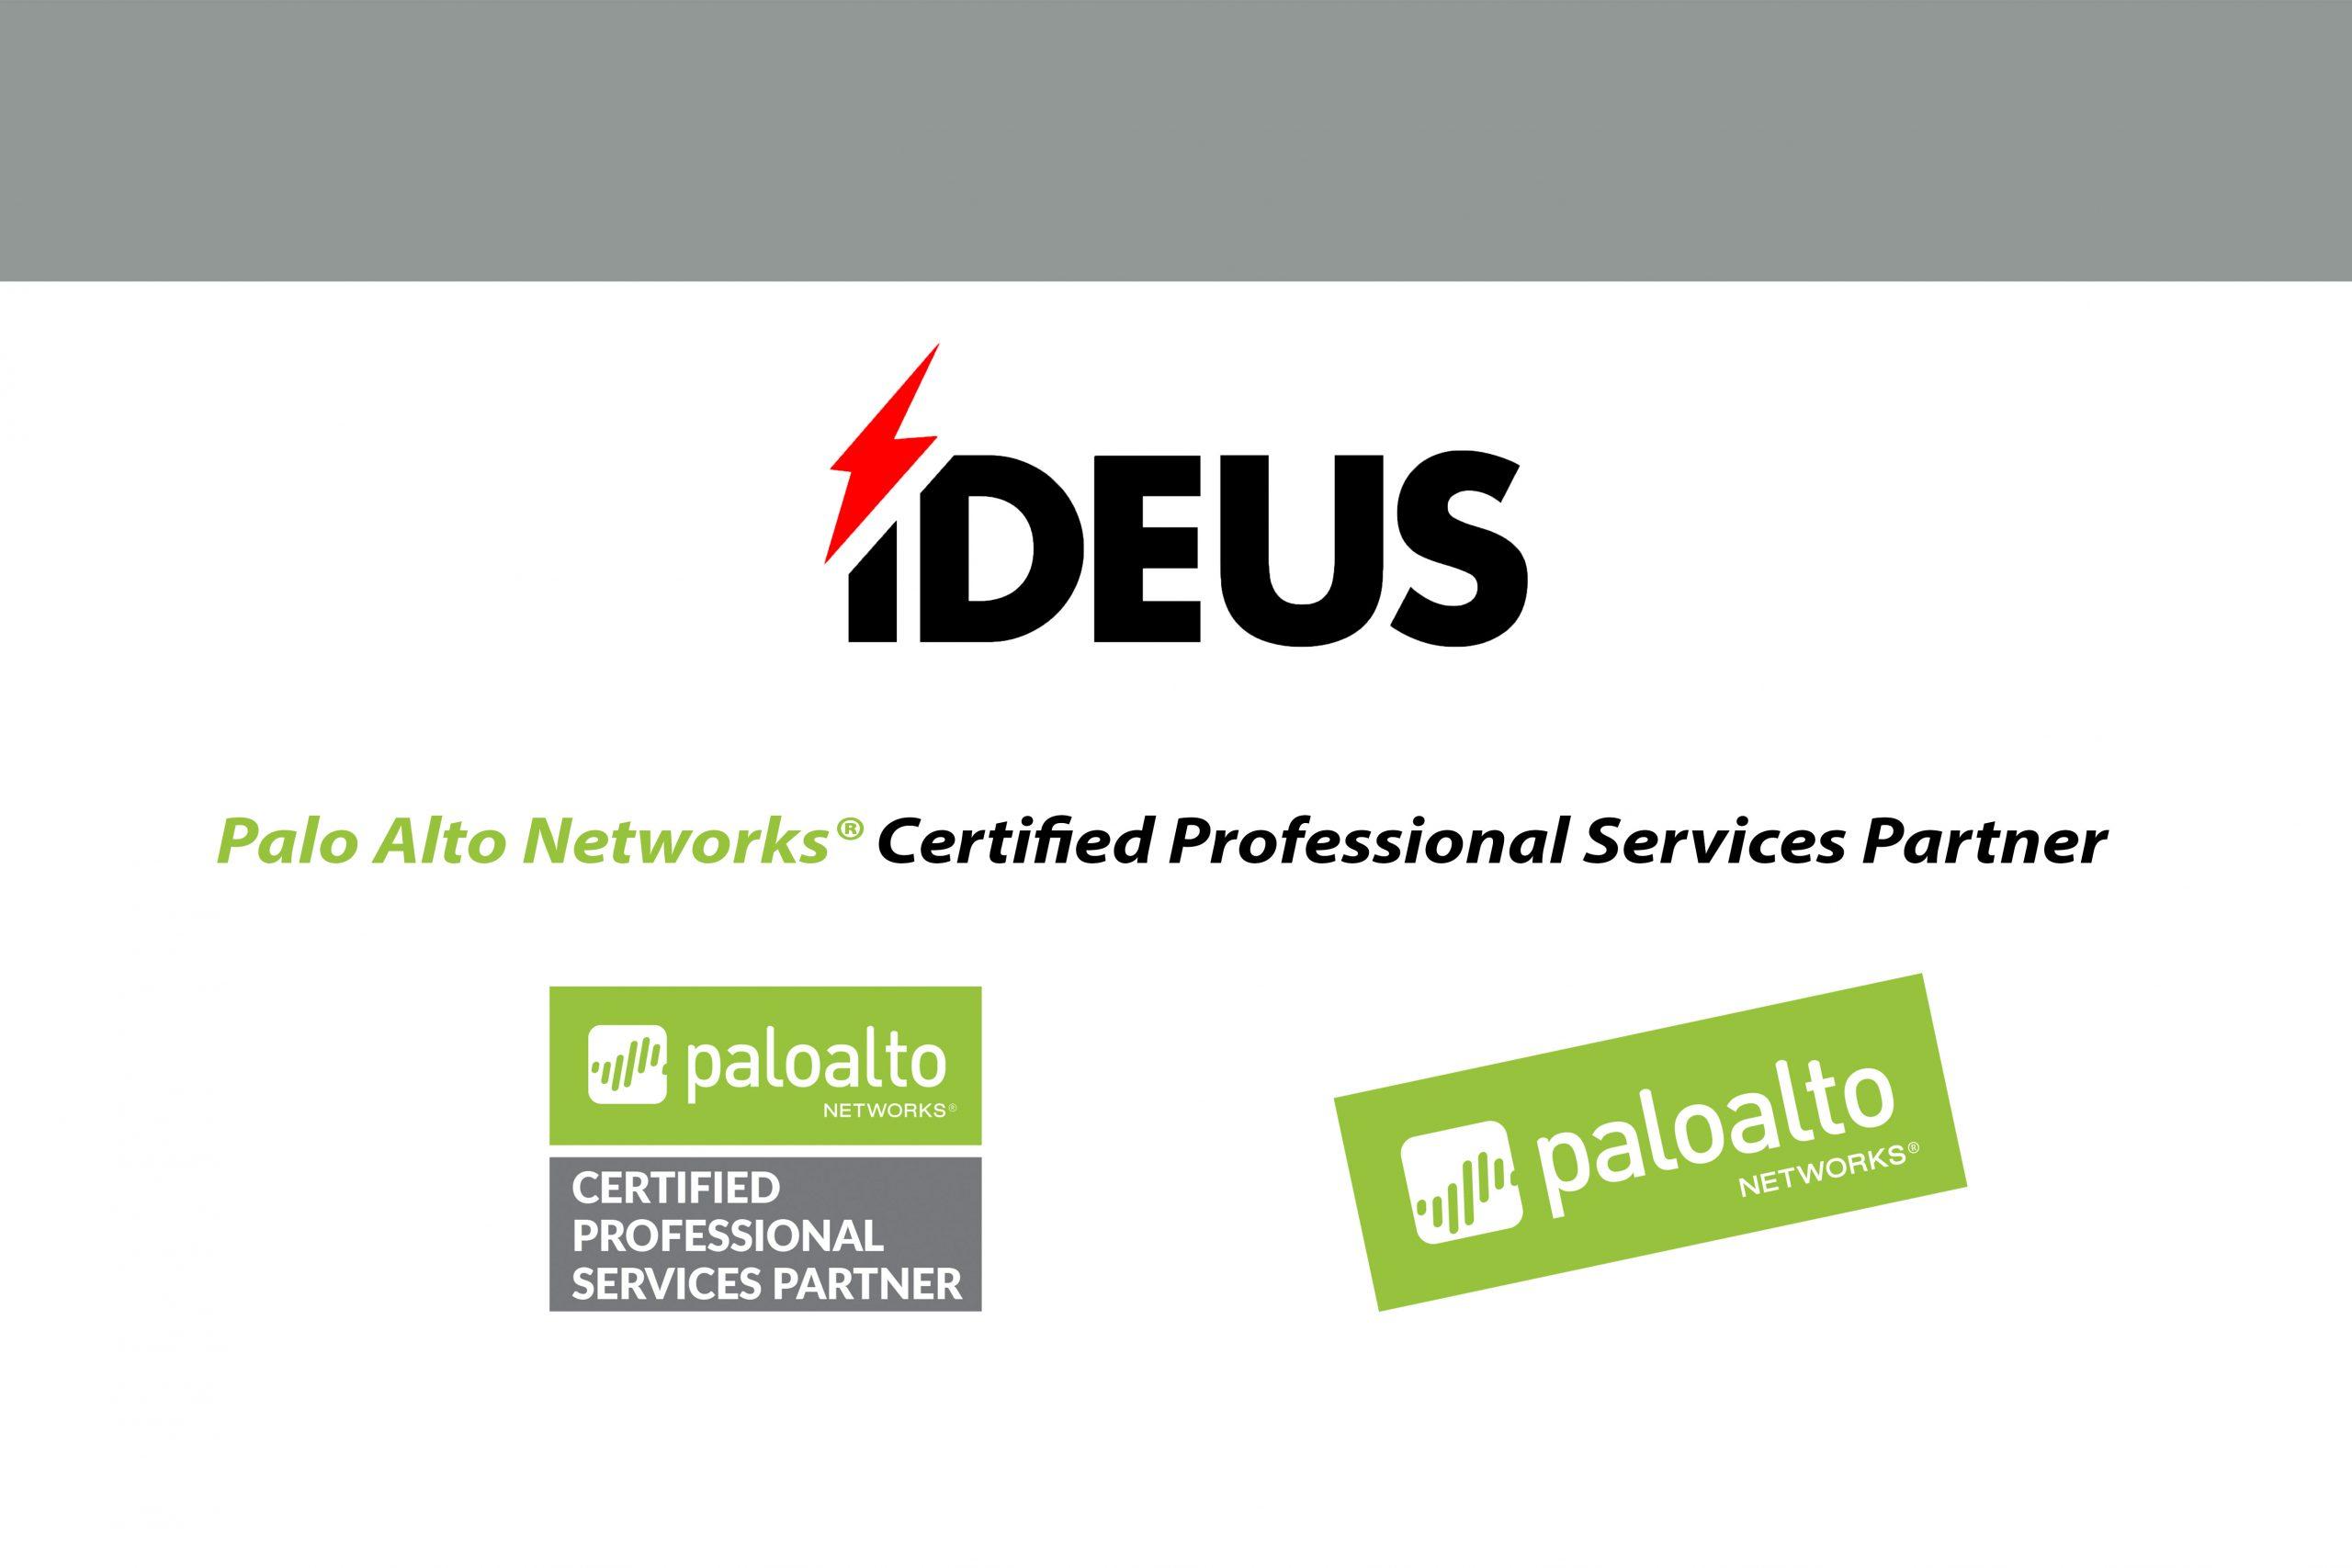 Palo Alto Networks Service Partner